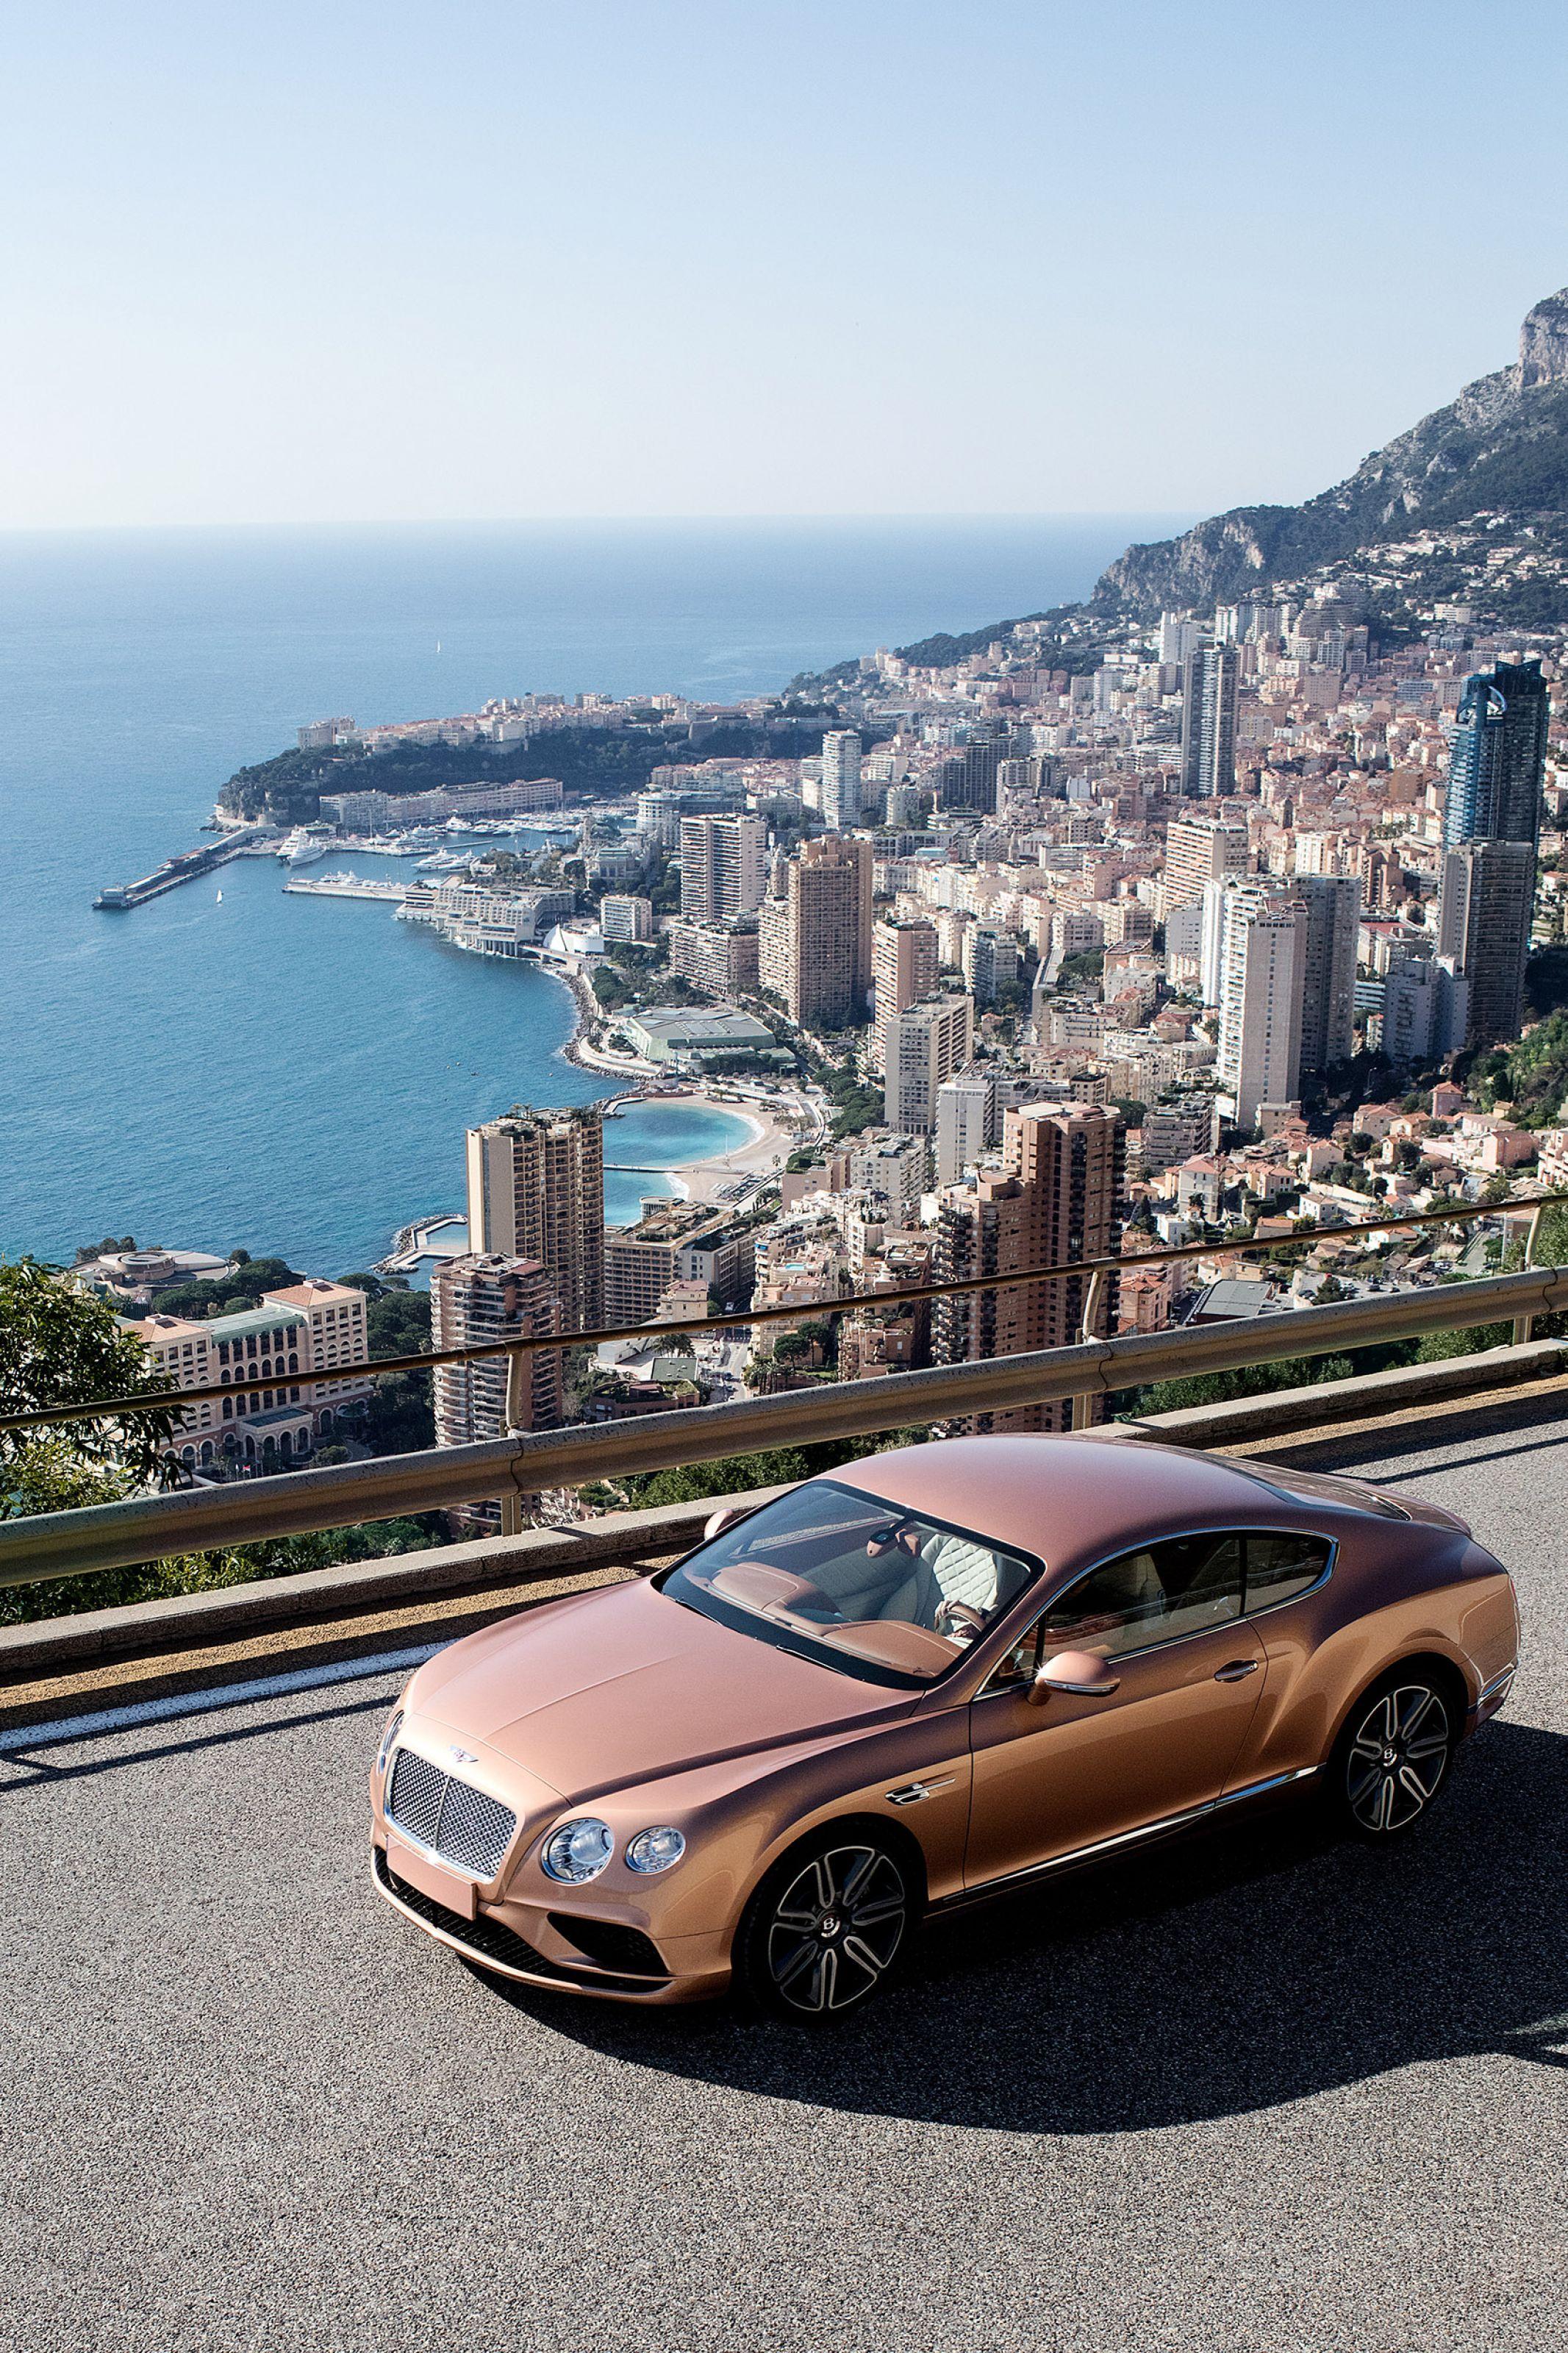 Bentley Continental Gtv8 Monaco Monte Carlo View Hd Classic Elegance Monaco Bentley Continental Gt